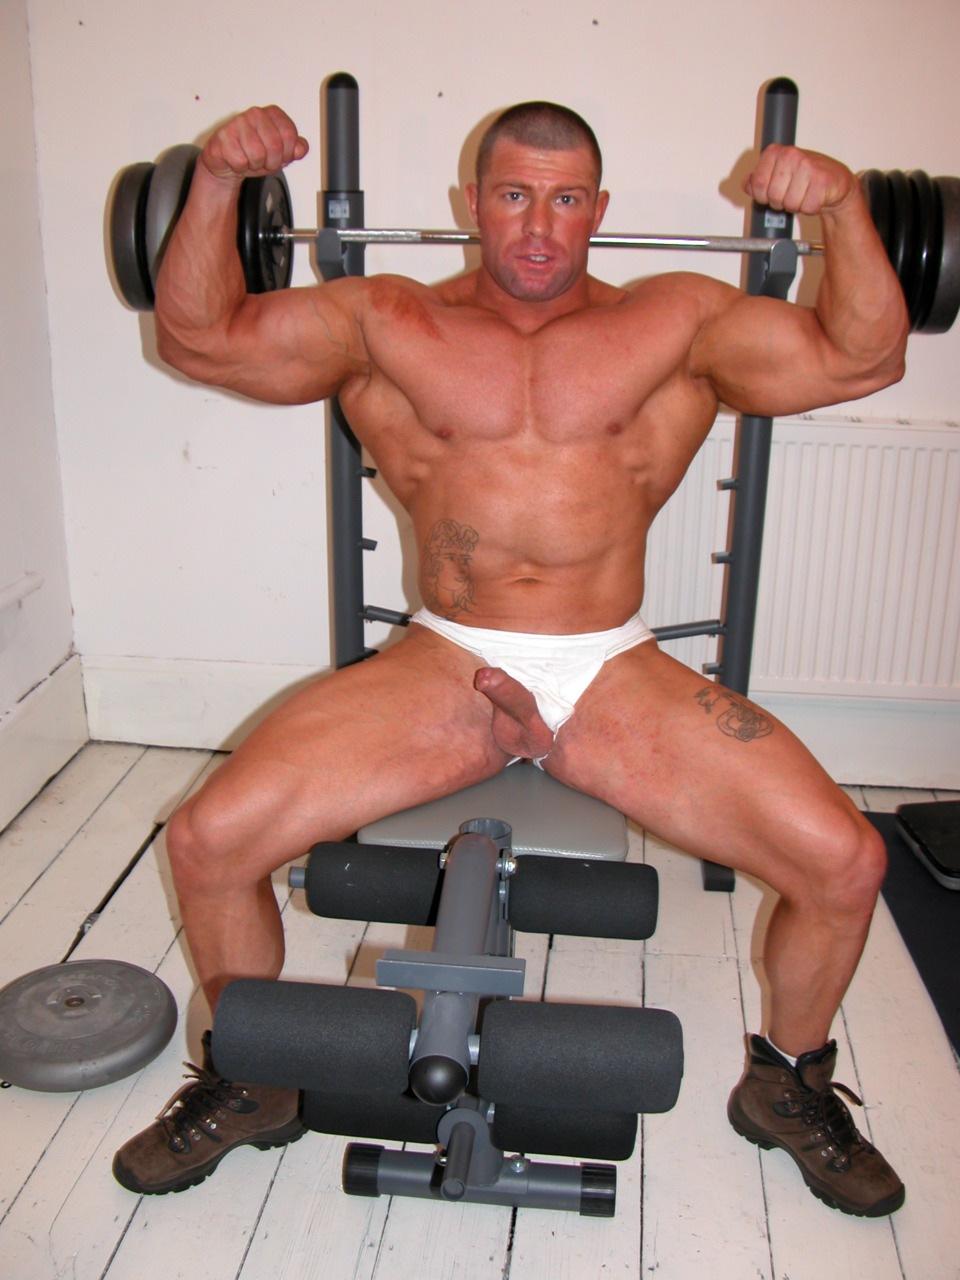 Muscle for Men: Football: http://muscleformen.blogspot.com/2011/12/football.html